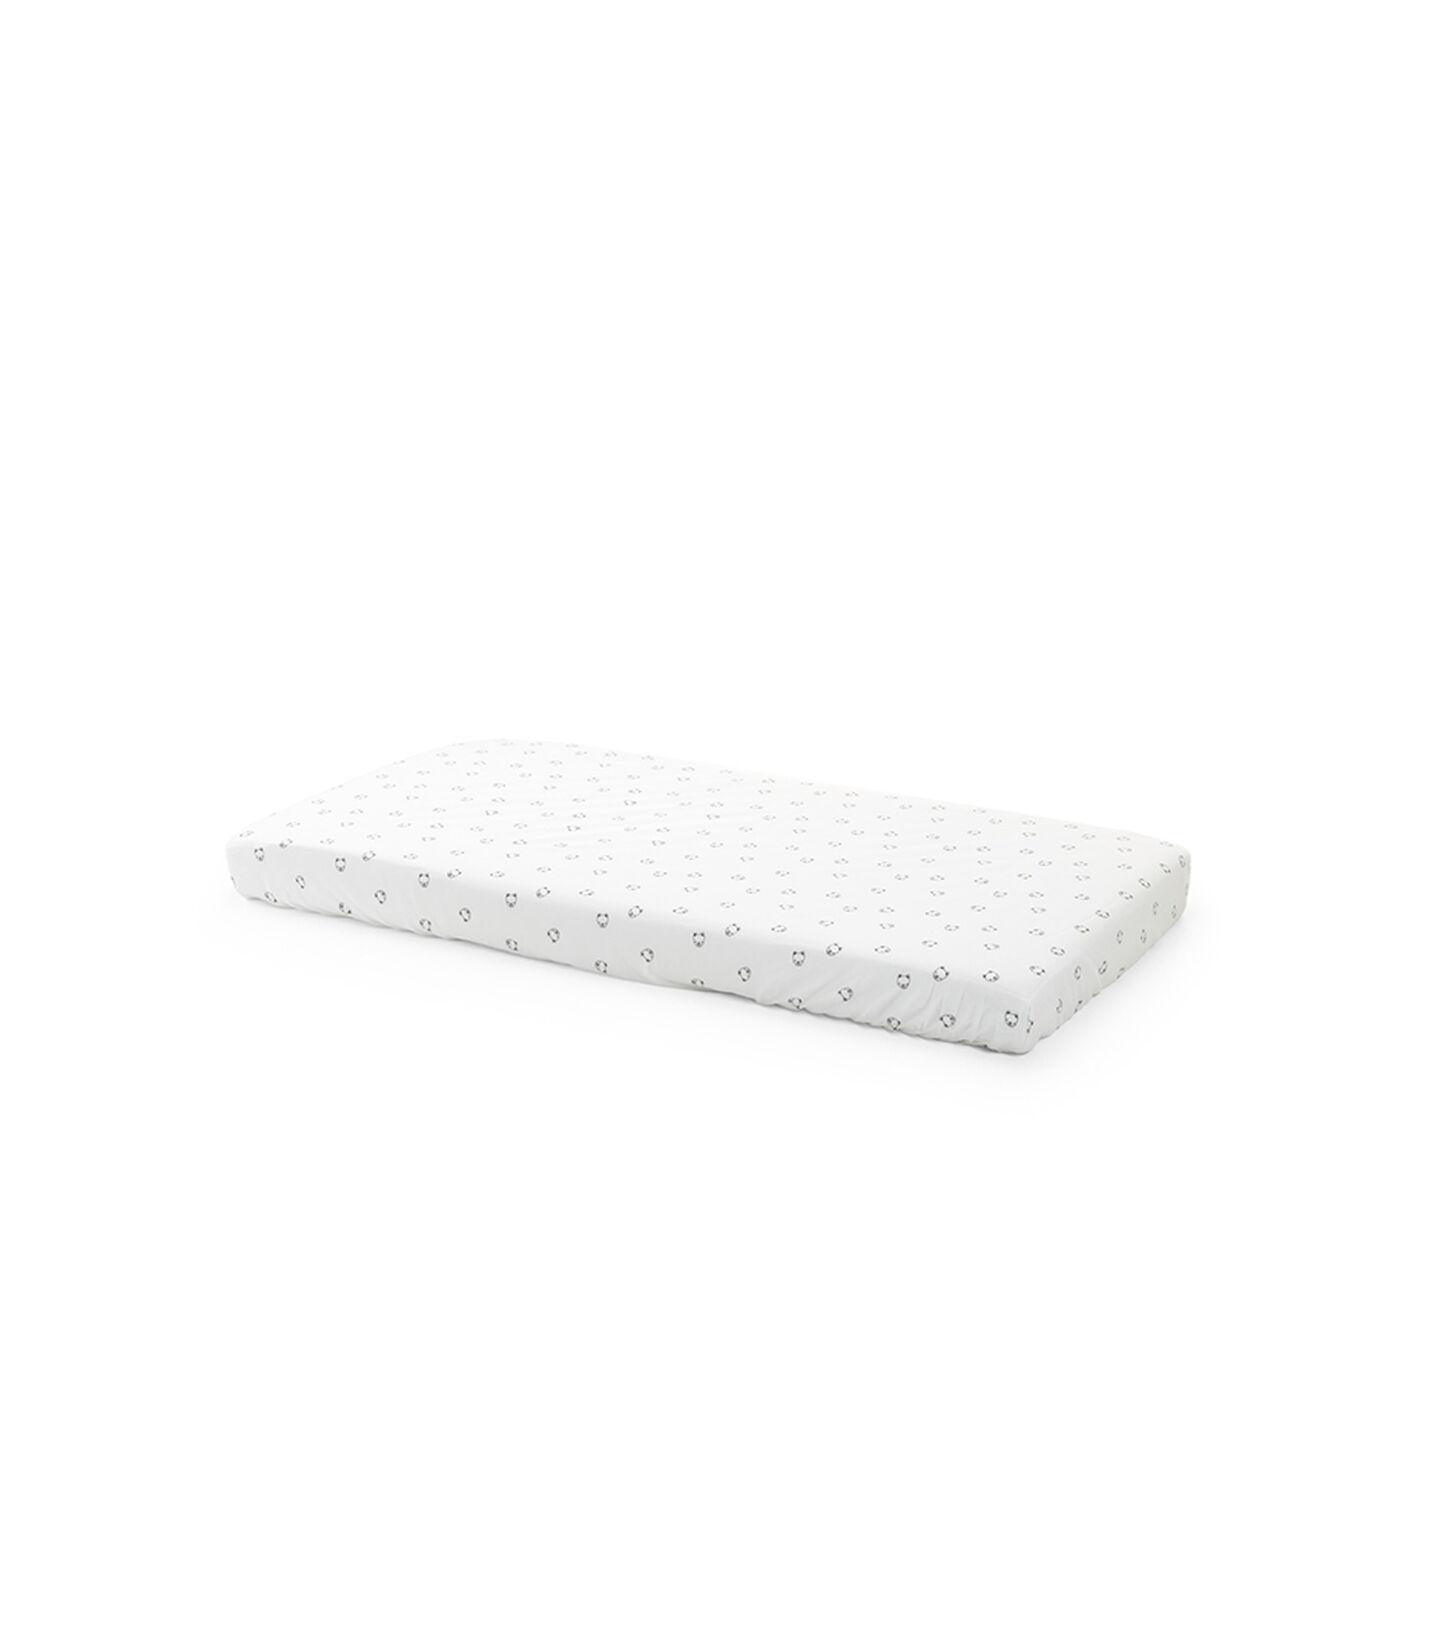 Stokke® Home™ Formsyet lagen til seng 2 stk. - Monochrome Bear, Monochrome Bear, mainview view 2